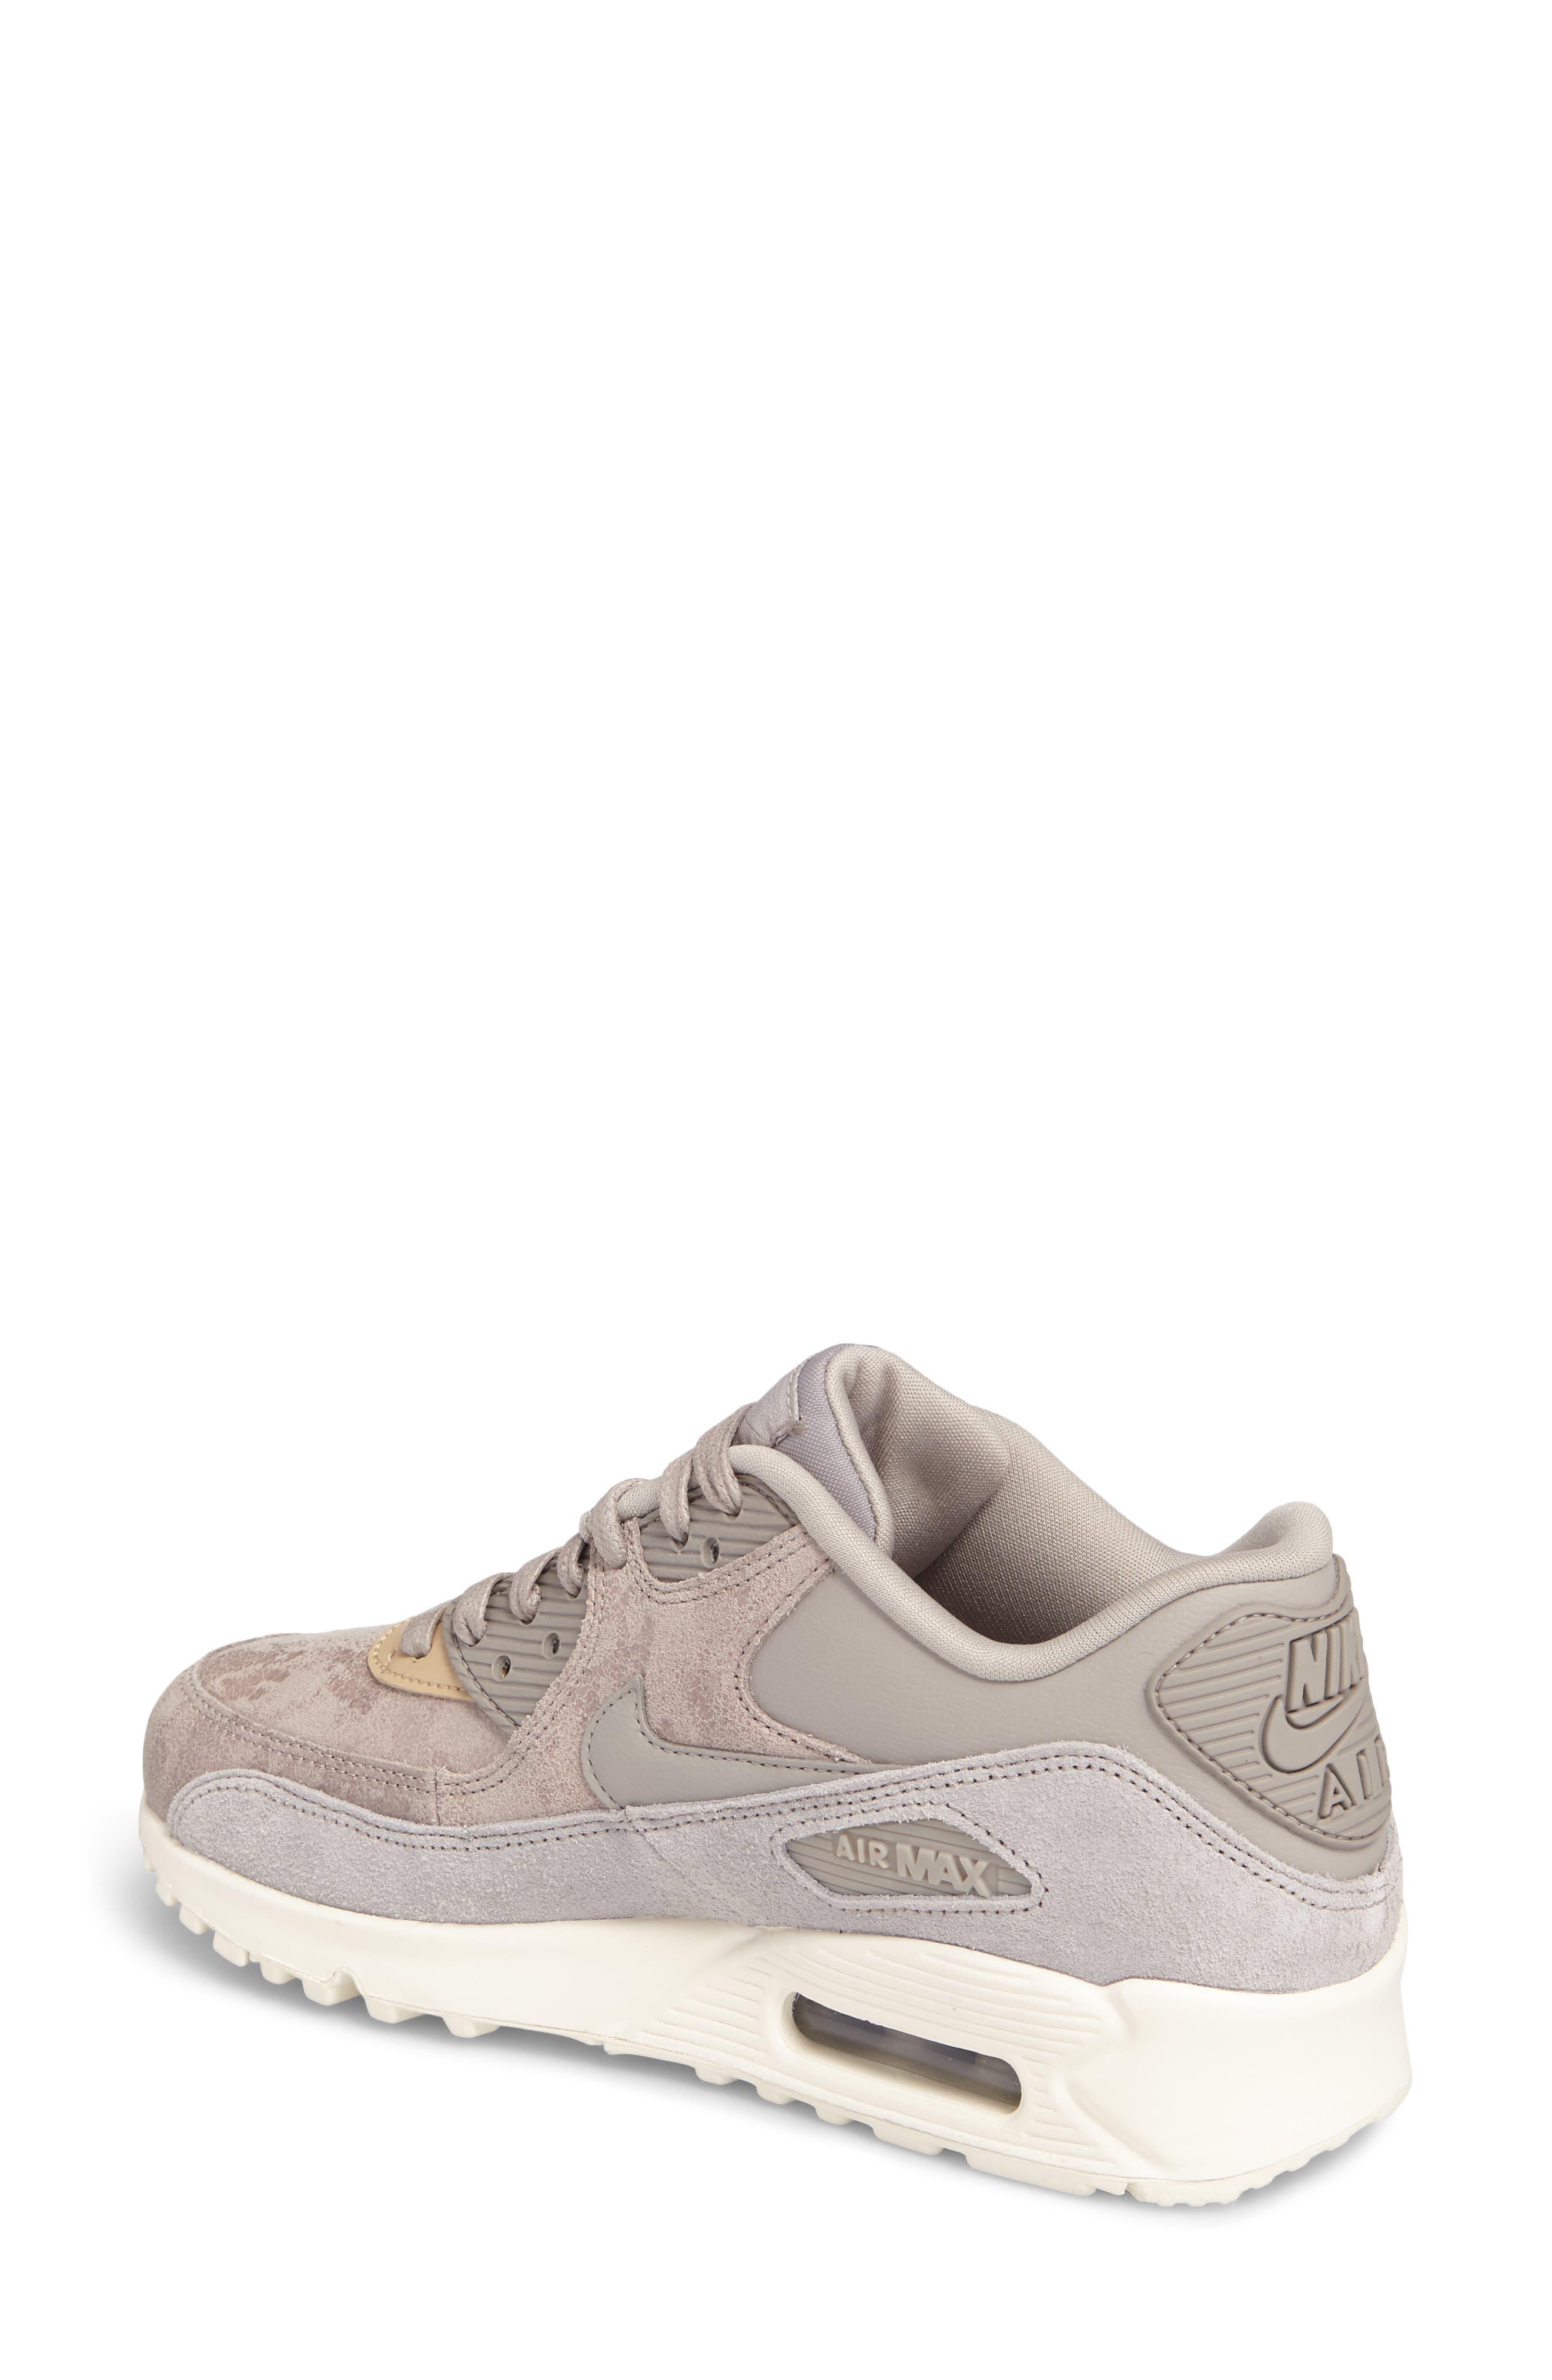 Air Max 90 Premium Sneaker,                             Alternate thumbnail 2, color,                             020